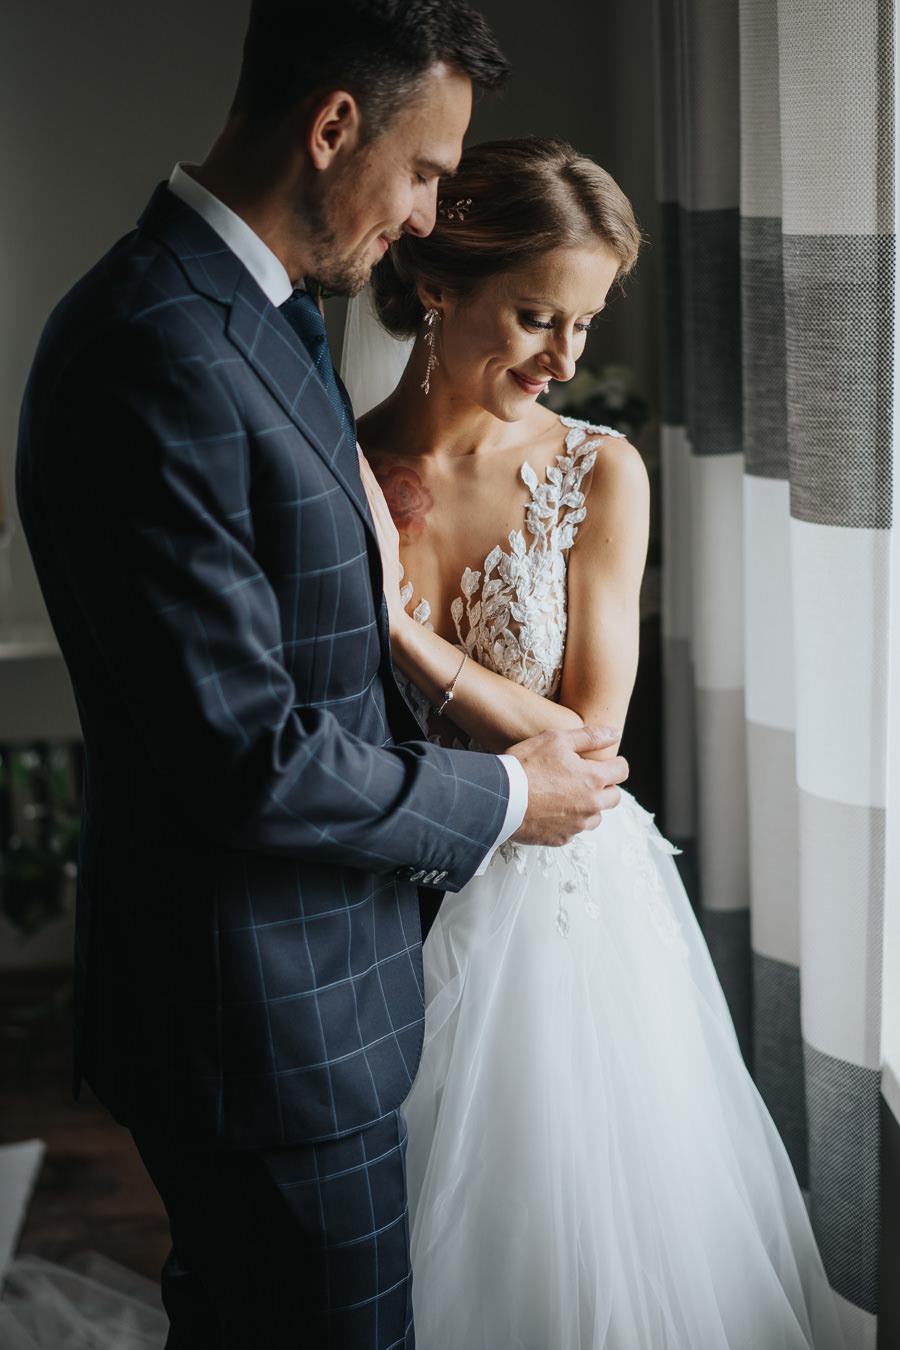 wesele-zalecze-male-fotograf-slubny-wielun-wilczkiewicz-900px-00033 34